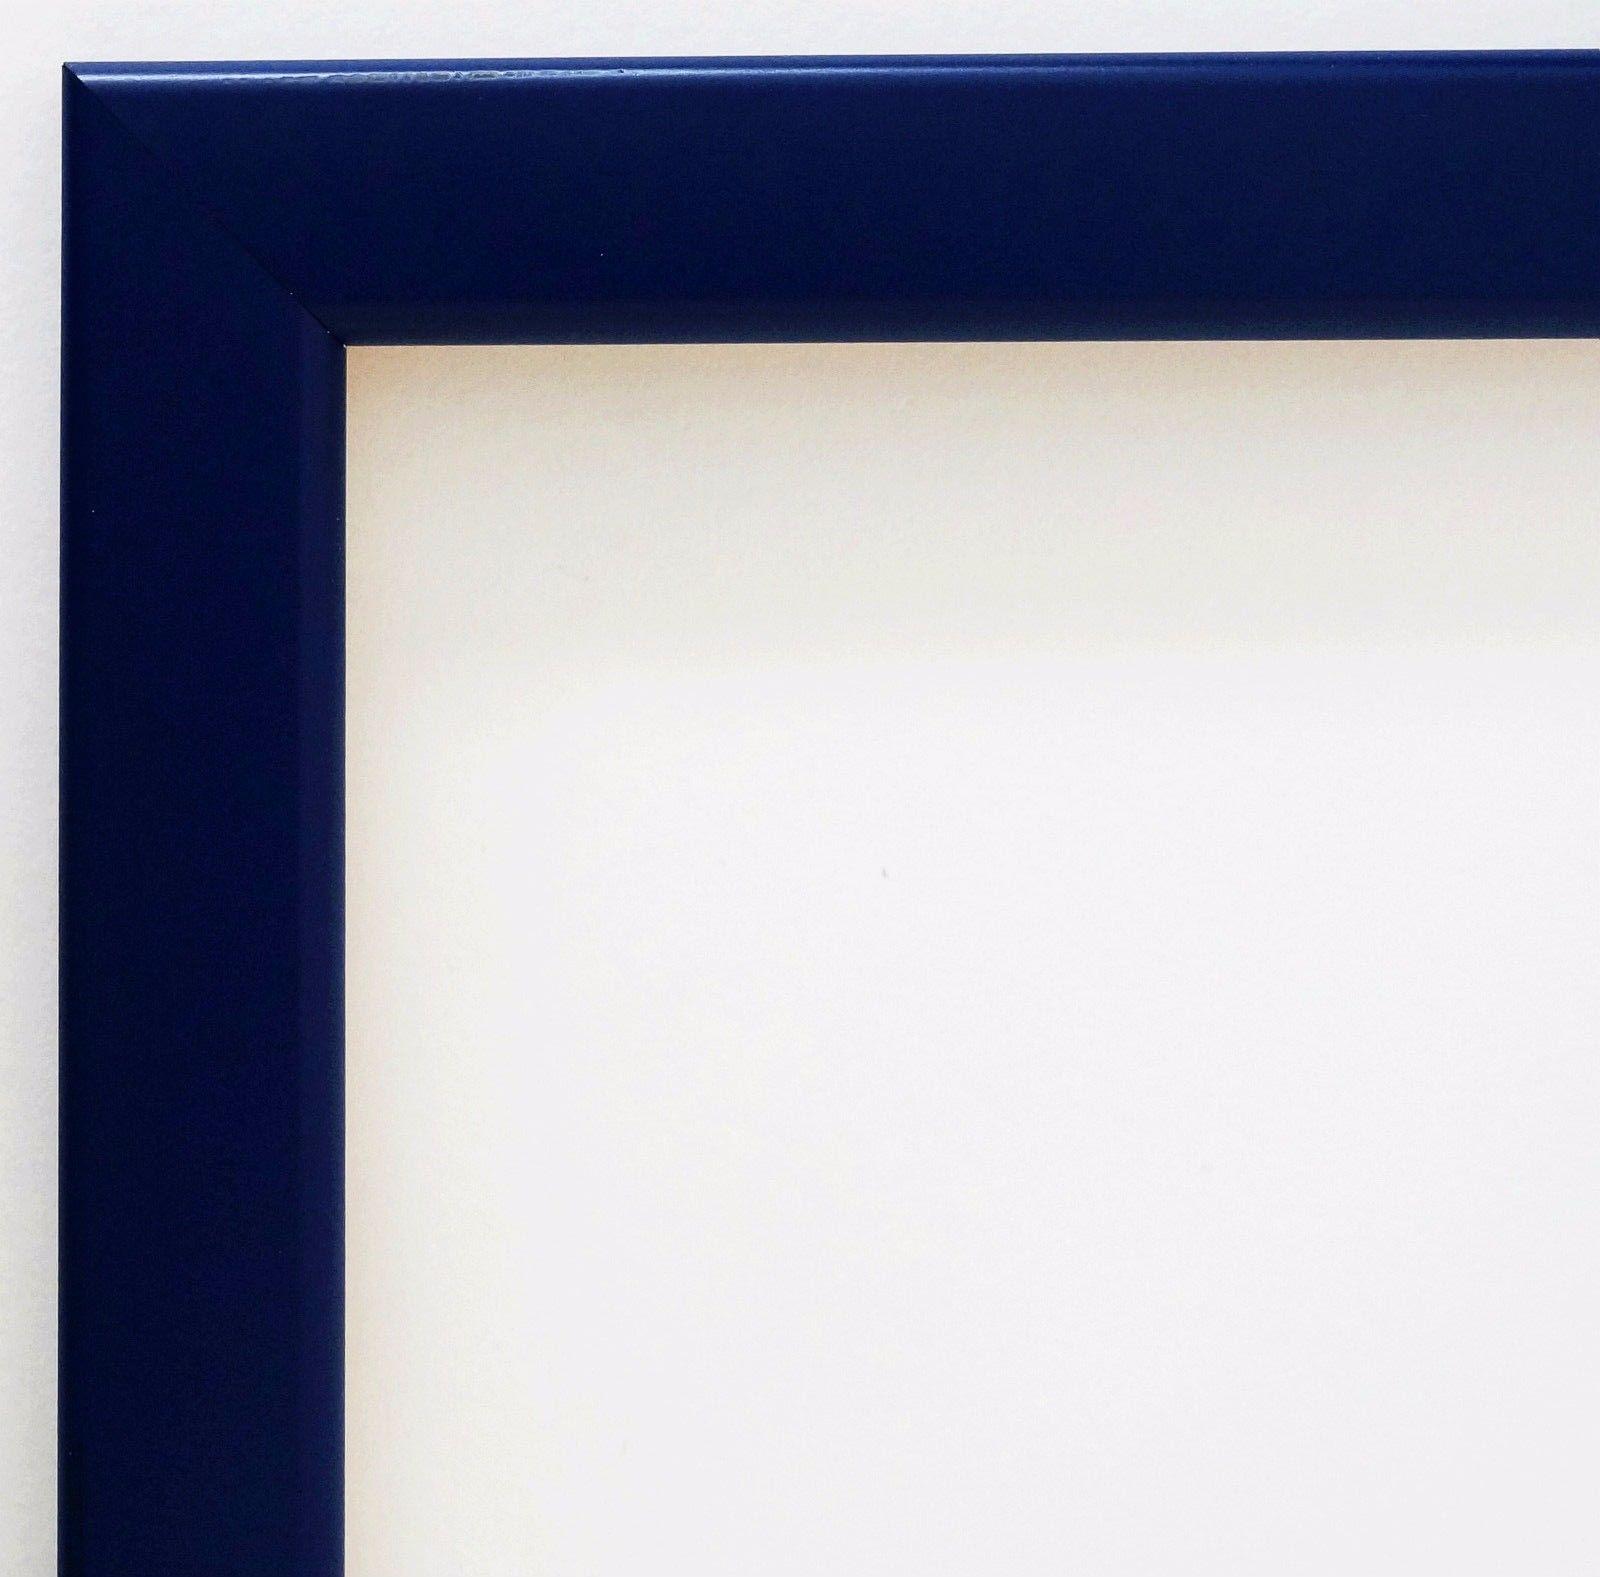 Bilderrahmen matt Blau Modern Rahmen Holz Art Hannover in 2, 4 ...